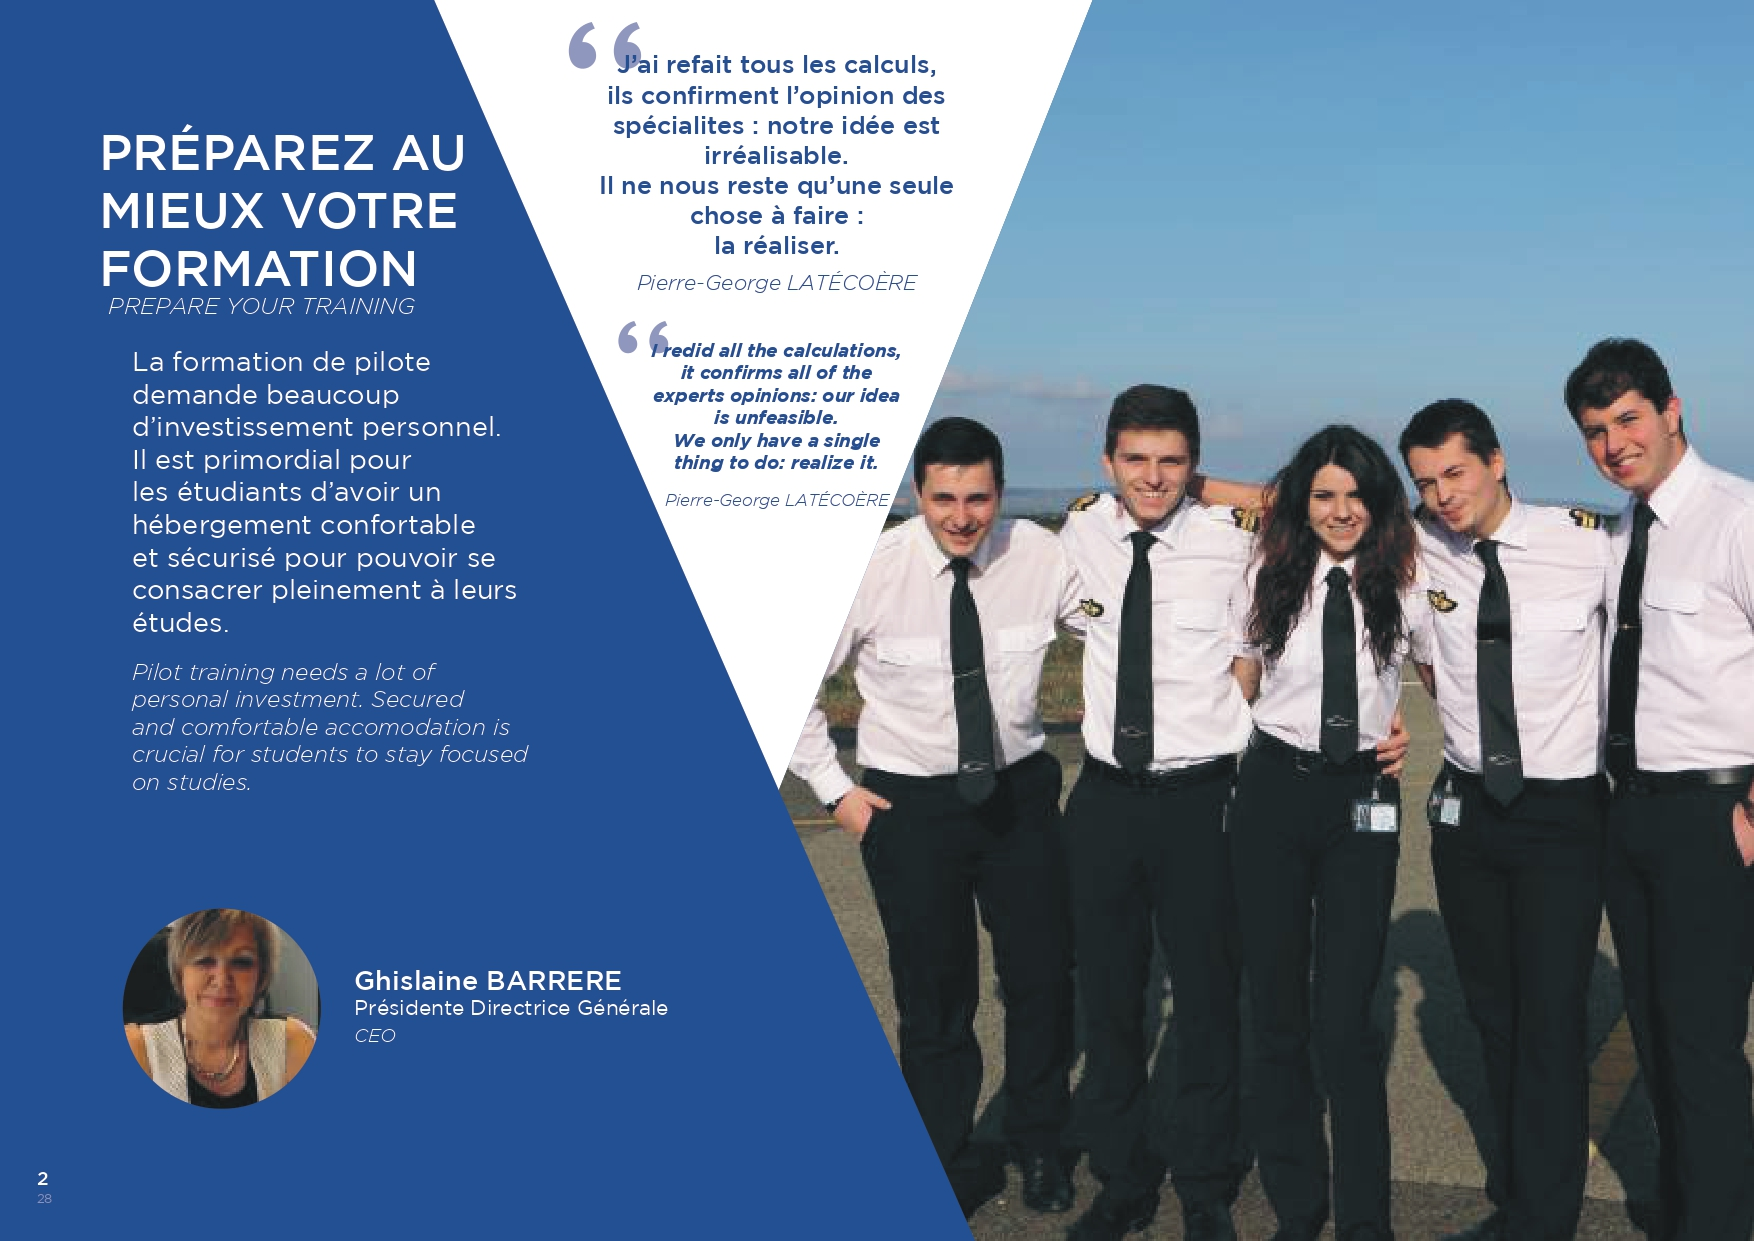 brochure_Changements_Résidis-ilovepdf-compressed_page-0004